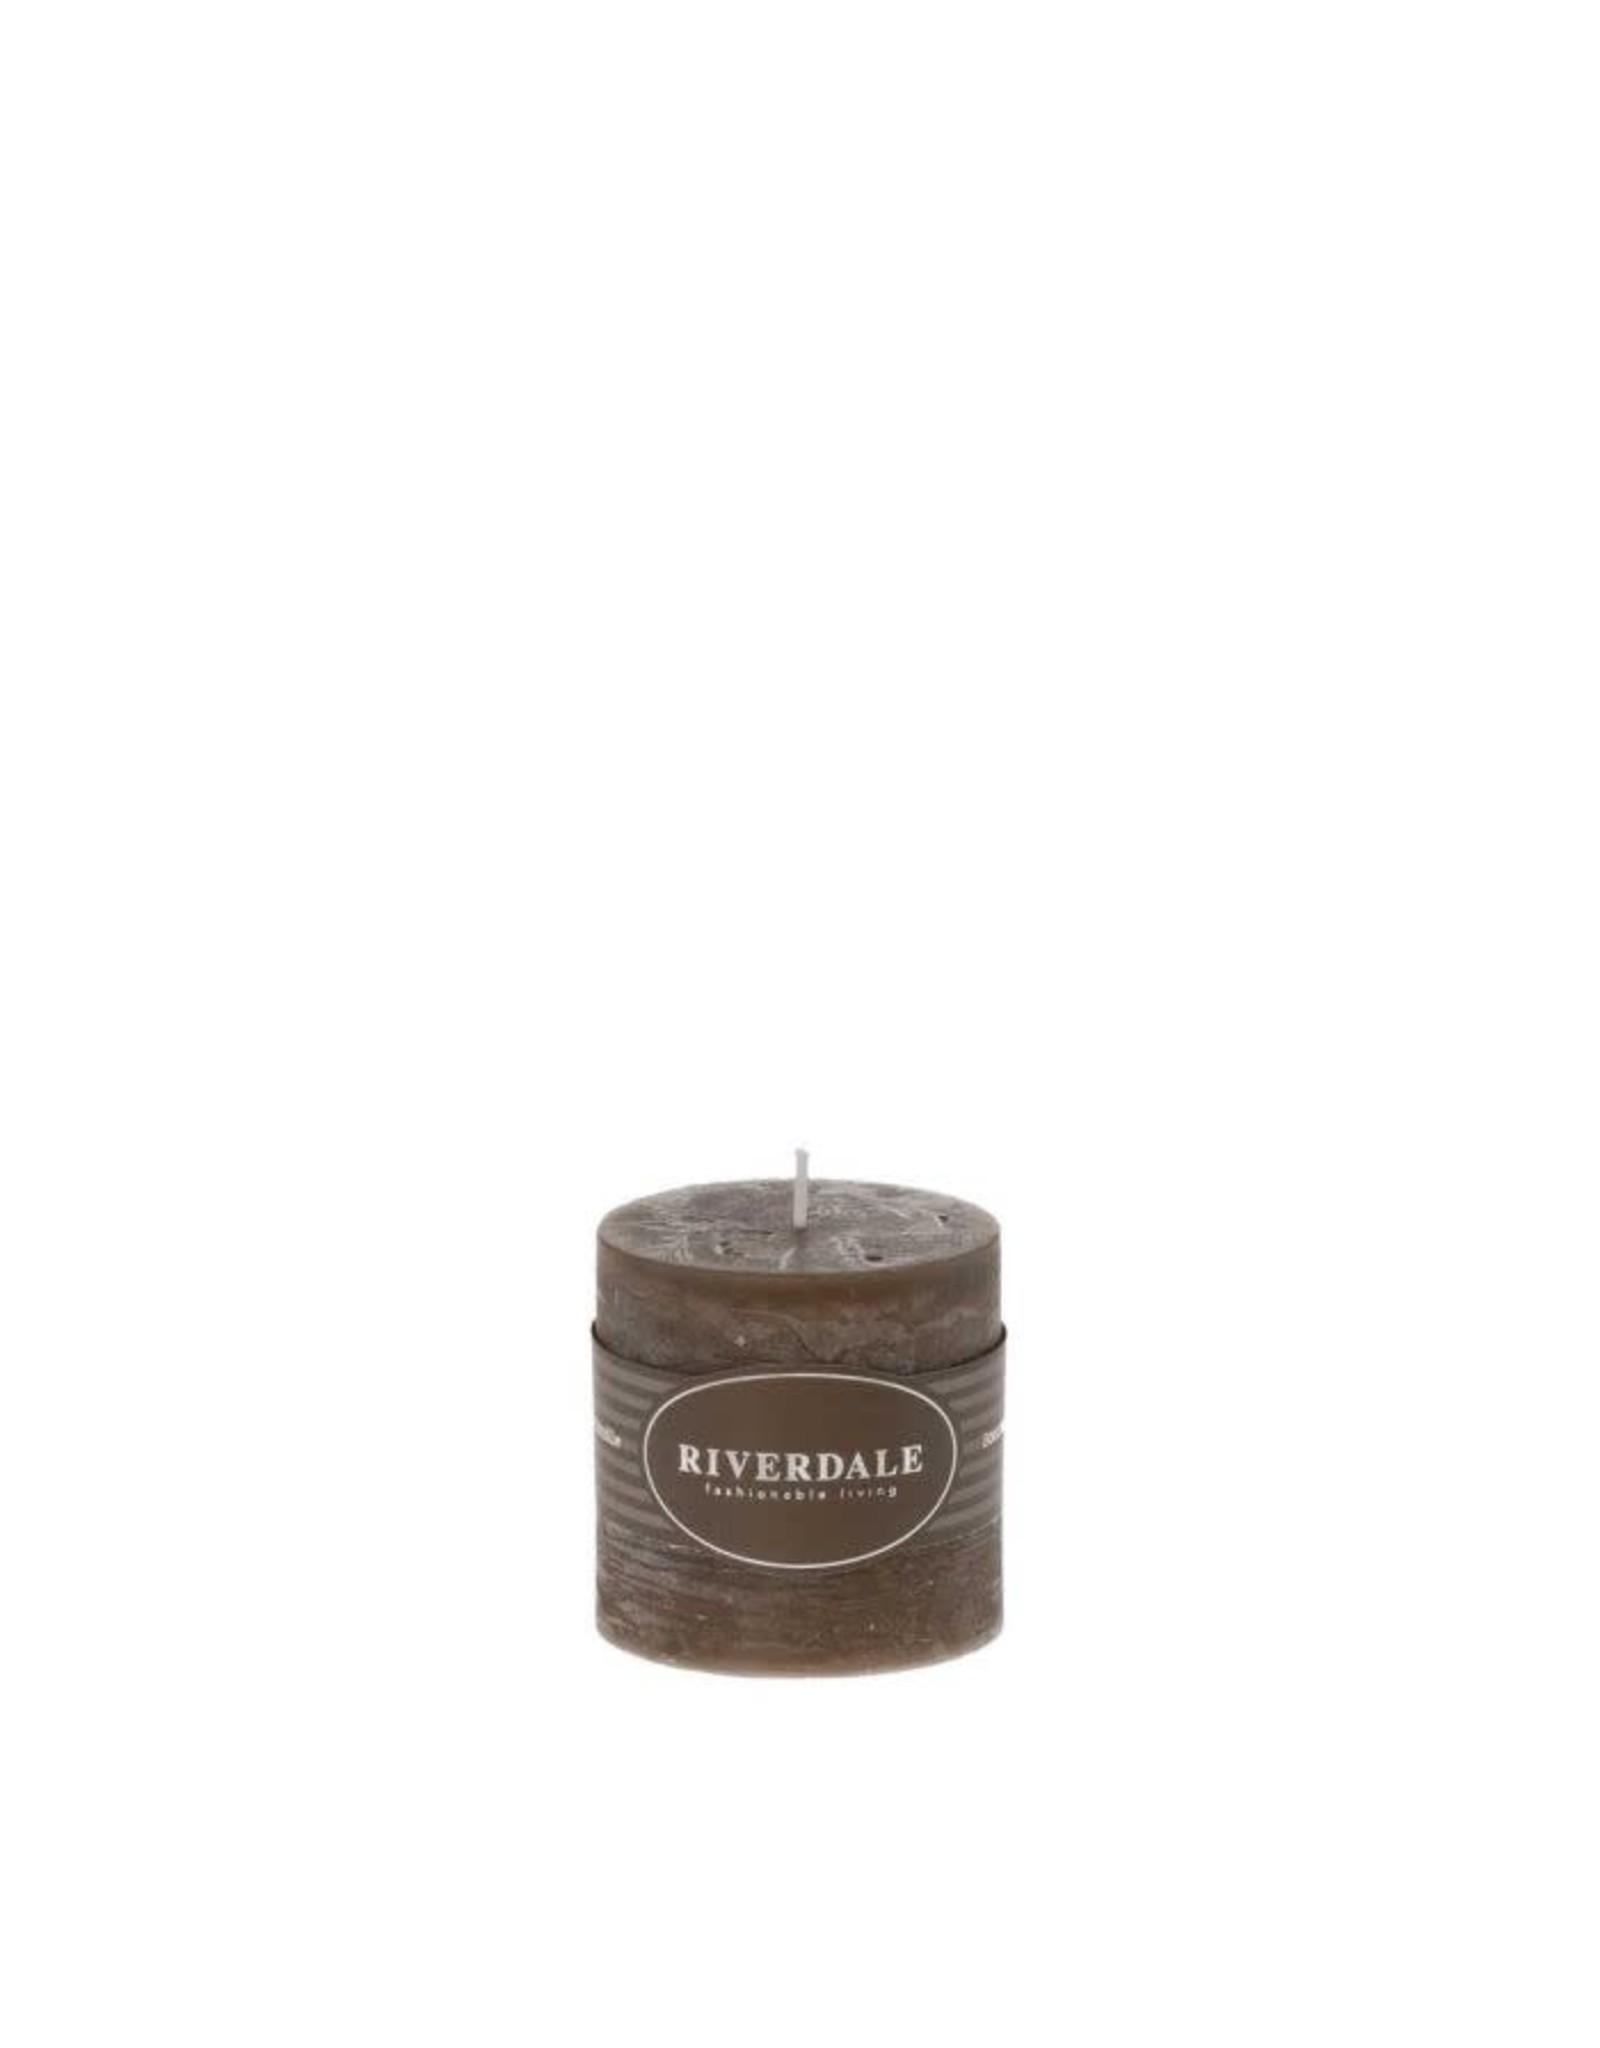 Riverdale Riverdale Geurkaars Pillar mokka 7,5 x 7,5 cm